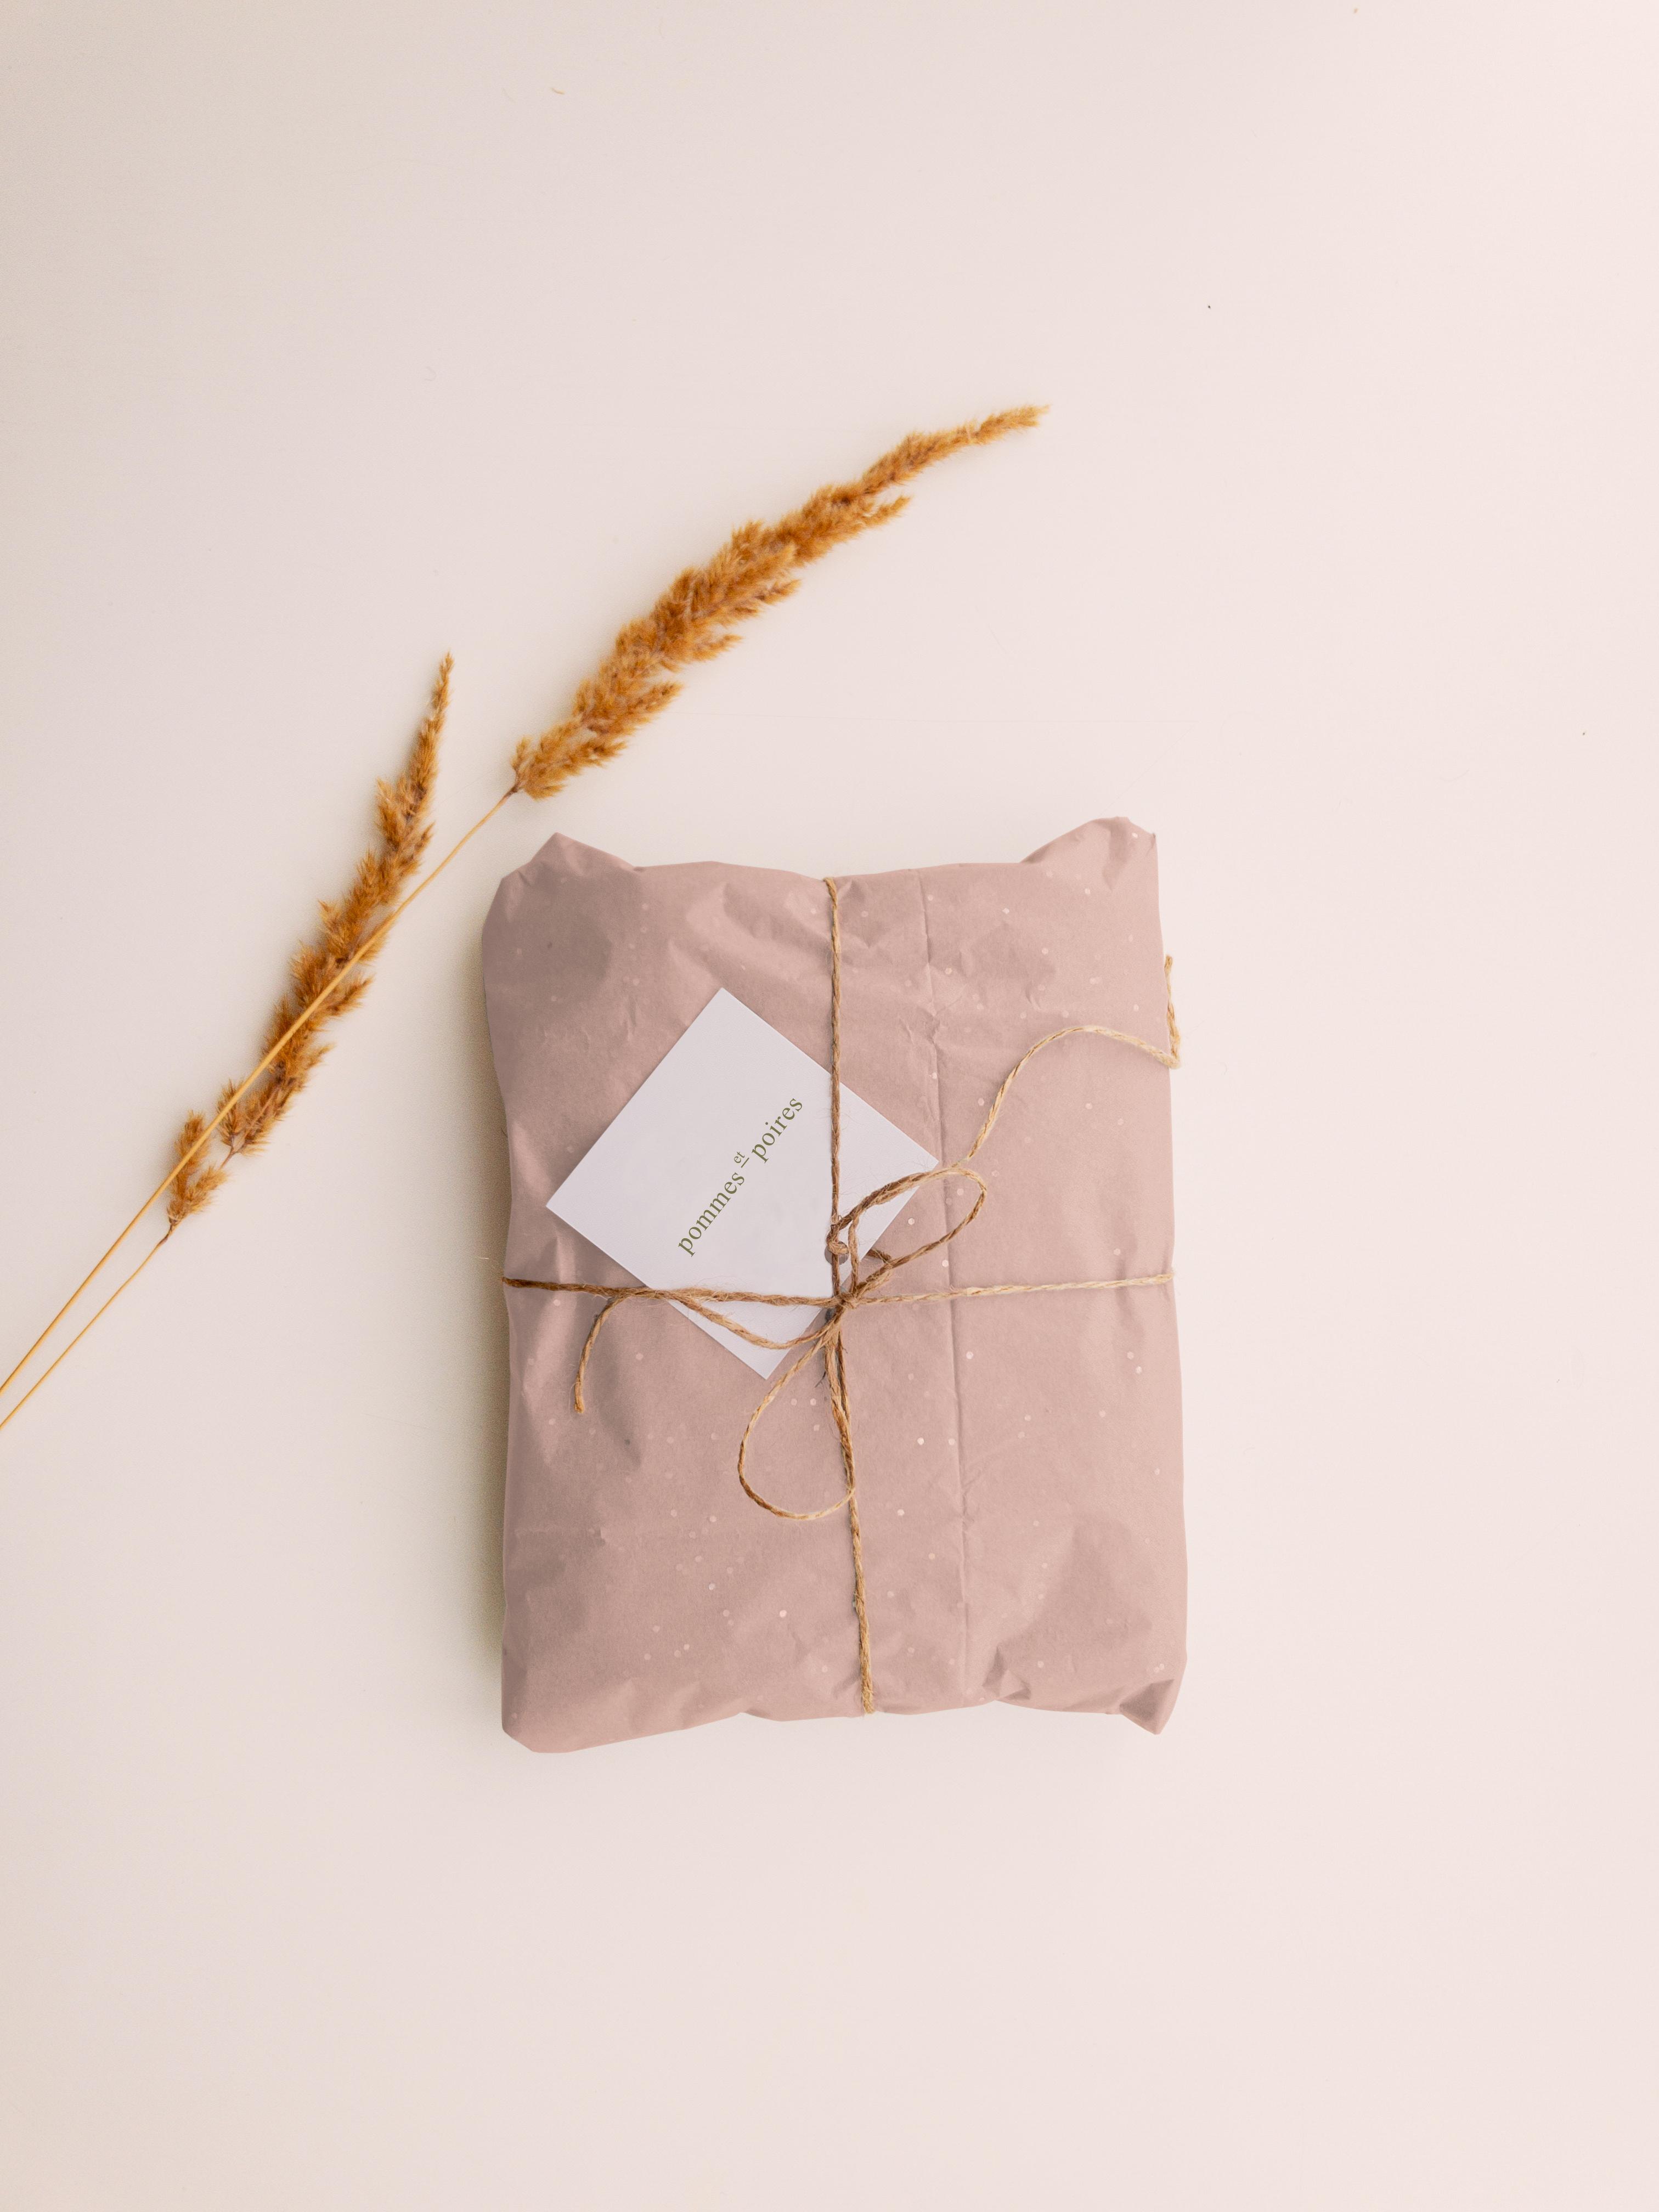 Brievenbus gelukjes / Mailbox happiness